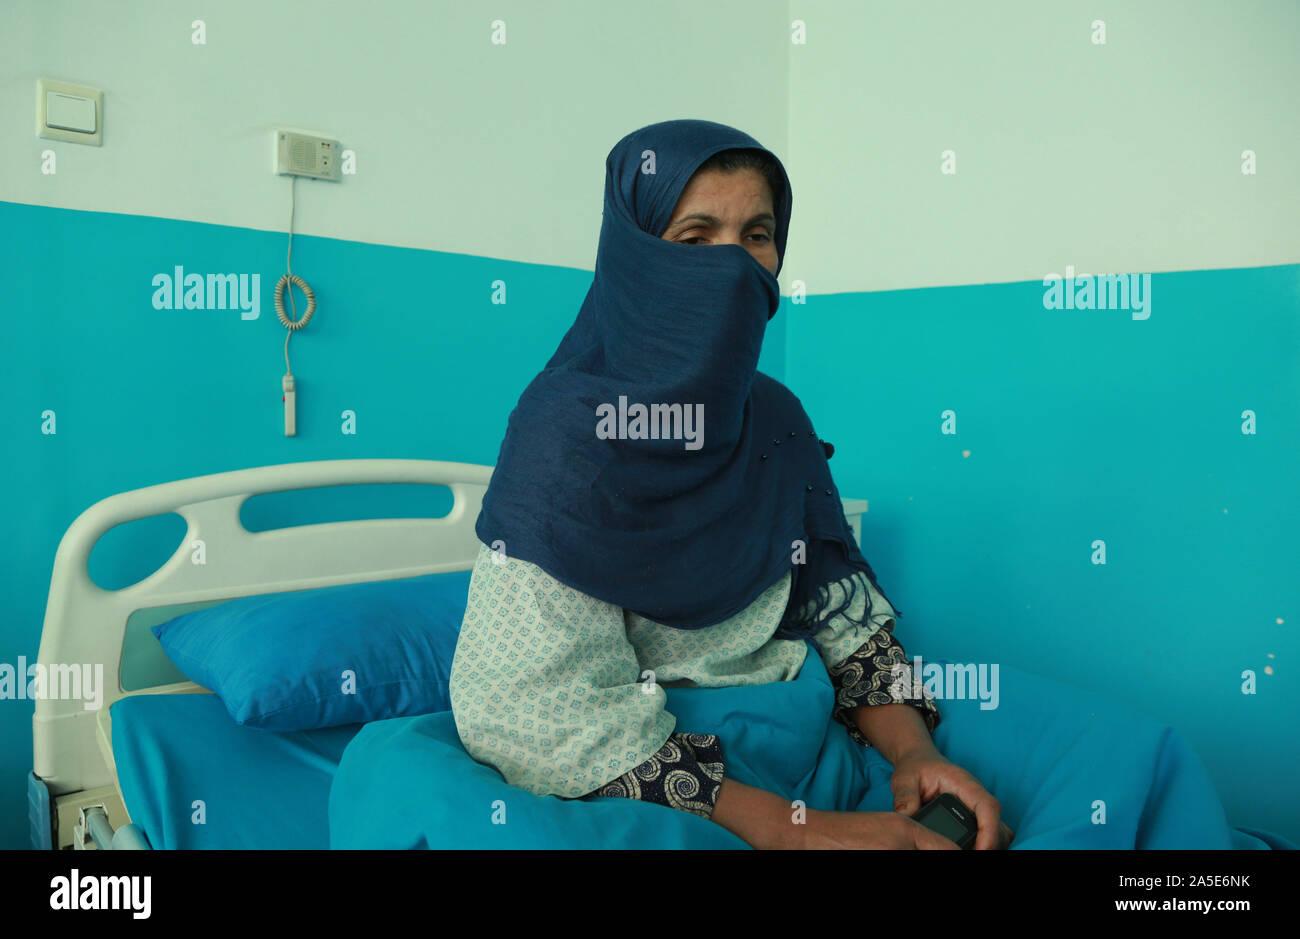 (191020) -- KABUL, 20 ott. 2019 (Xinhua) -- Razia, una donna afghana di 38 chi soffre di cancro al seno, è visto in un National Cancer Center a Kabul, capitale dell'Afghanistan, Ottobre 19, 2019. Alcuni 60.000 donne afghane sono riferito lo sviluppo del tumore al seno ogni anno, soprattutto nella capitale Kabul, un privato carta inglese Daily Outlook Afghanistan, riportato su 13 Ottobre. (Xinhua/Rahmatullah Alizadah) Foto Stock